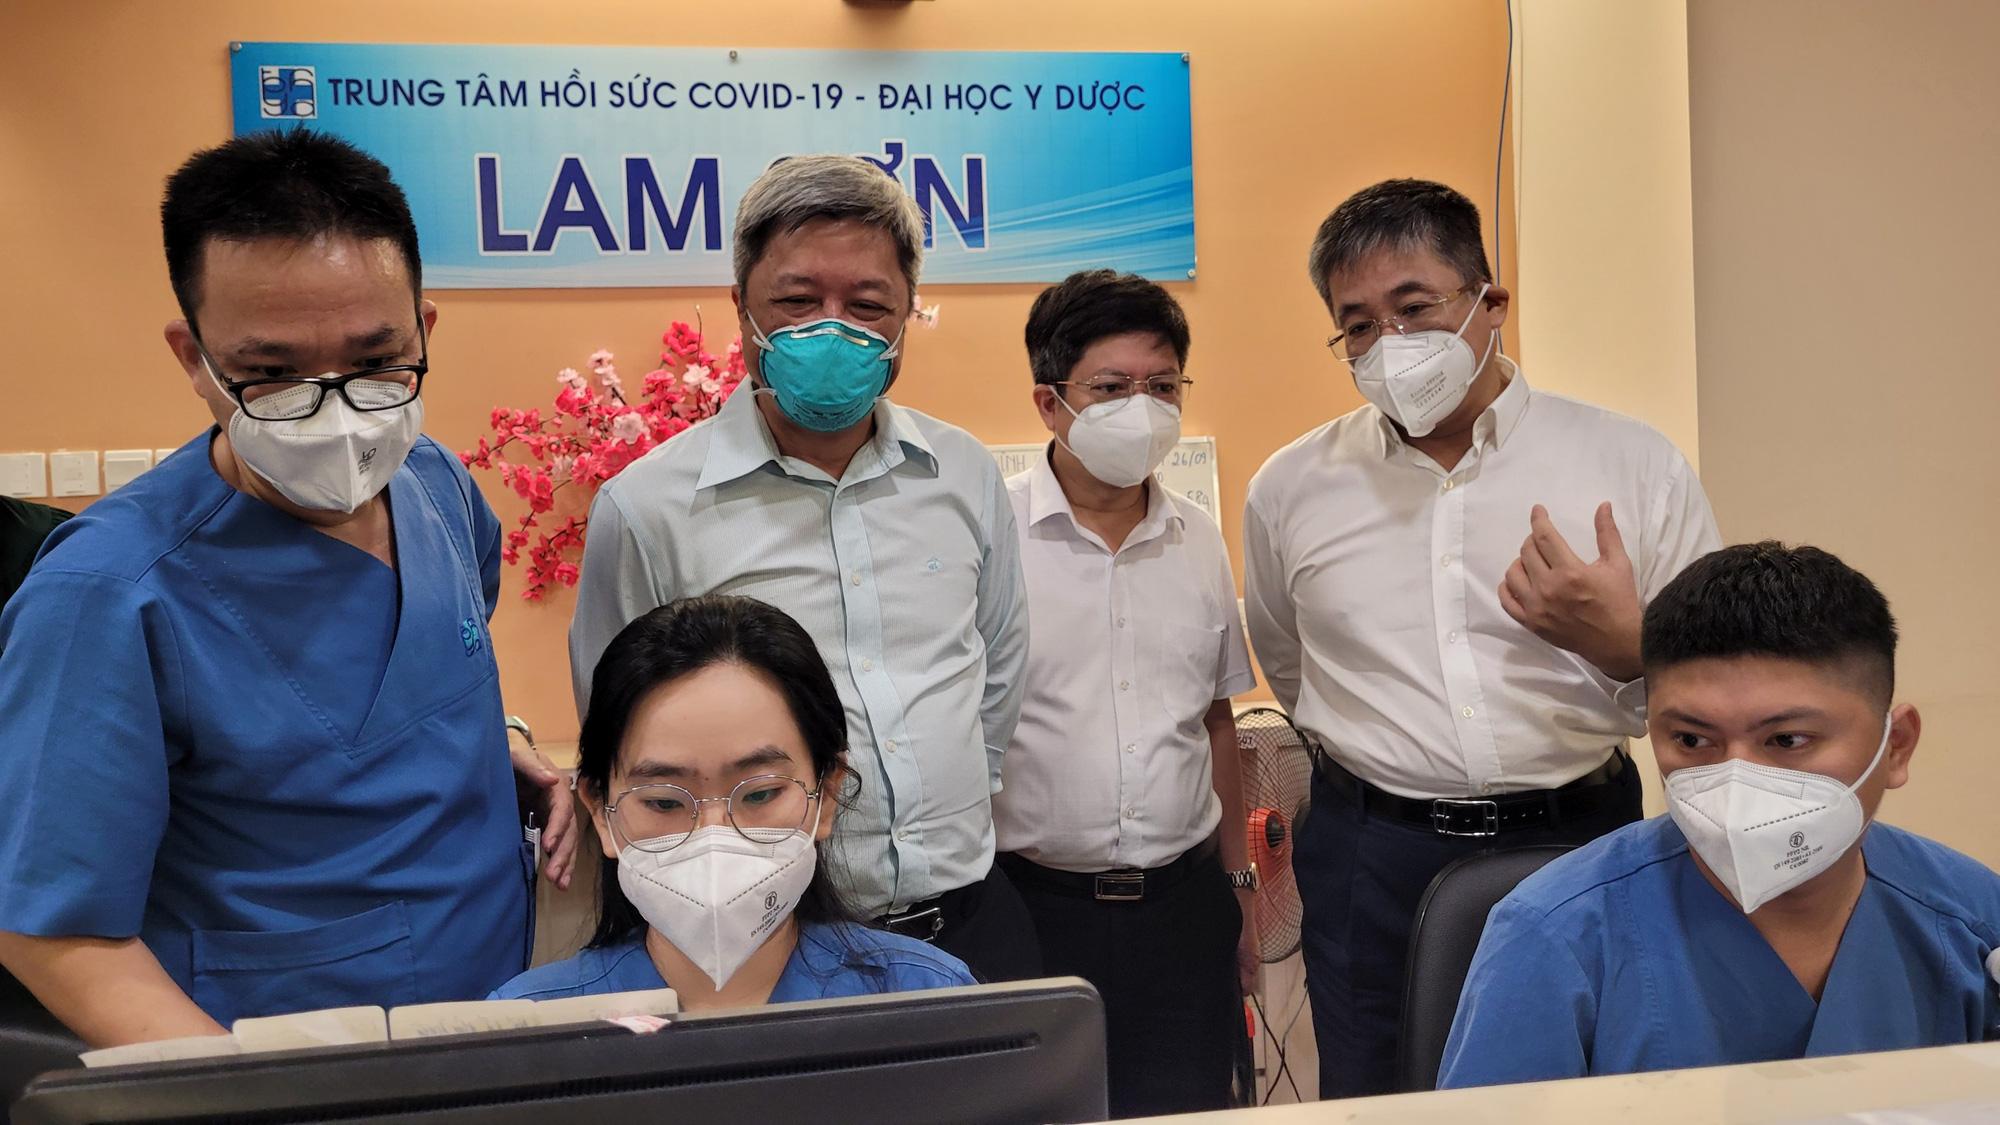 Thứ trưởng Bộ Y tế Nguyễn Trường Sơn: Ngành y vẫn sẽ nặng gánh sau khi TP Hồ Chí Minh hết giãn cách - Ảnh 2.